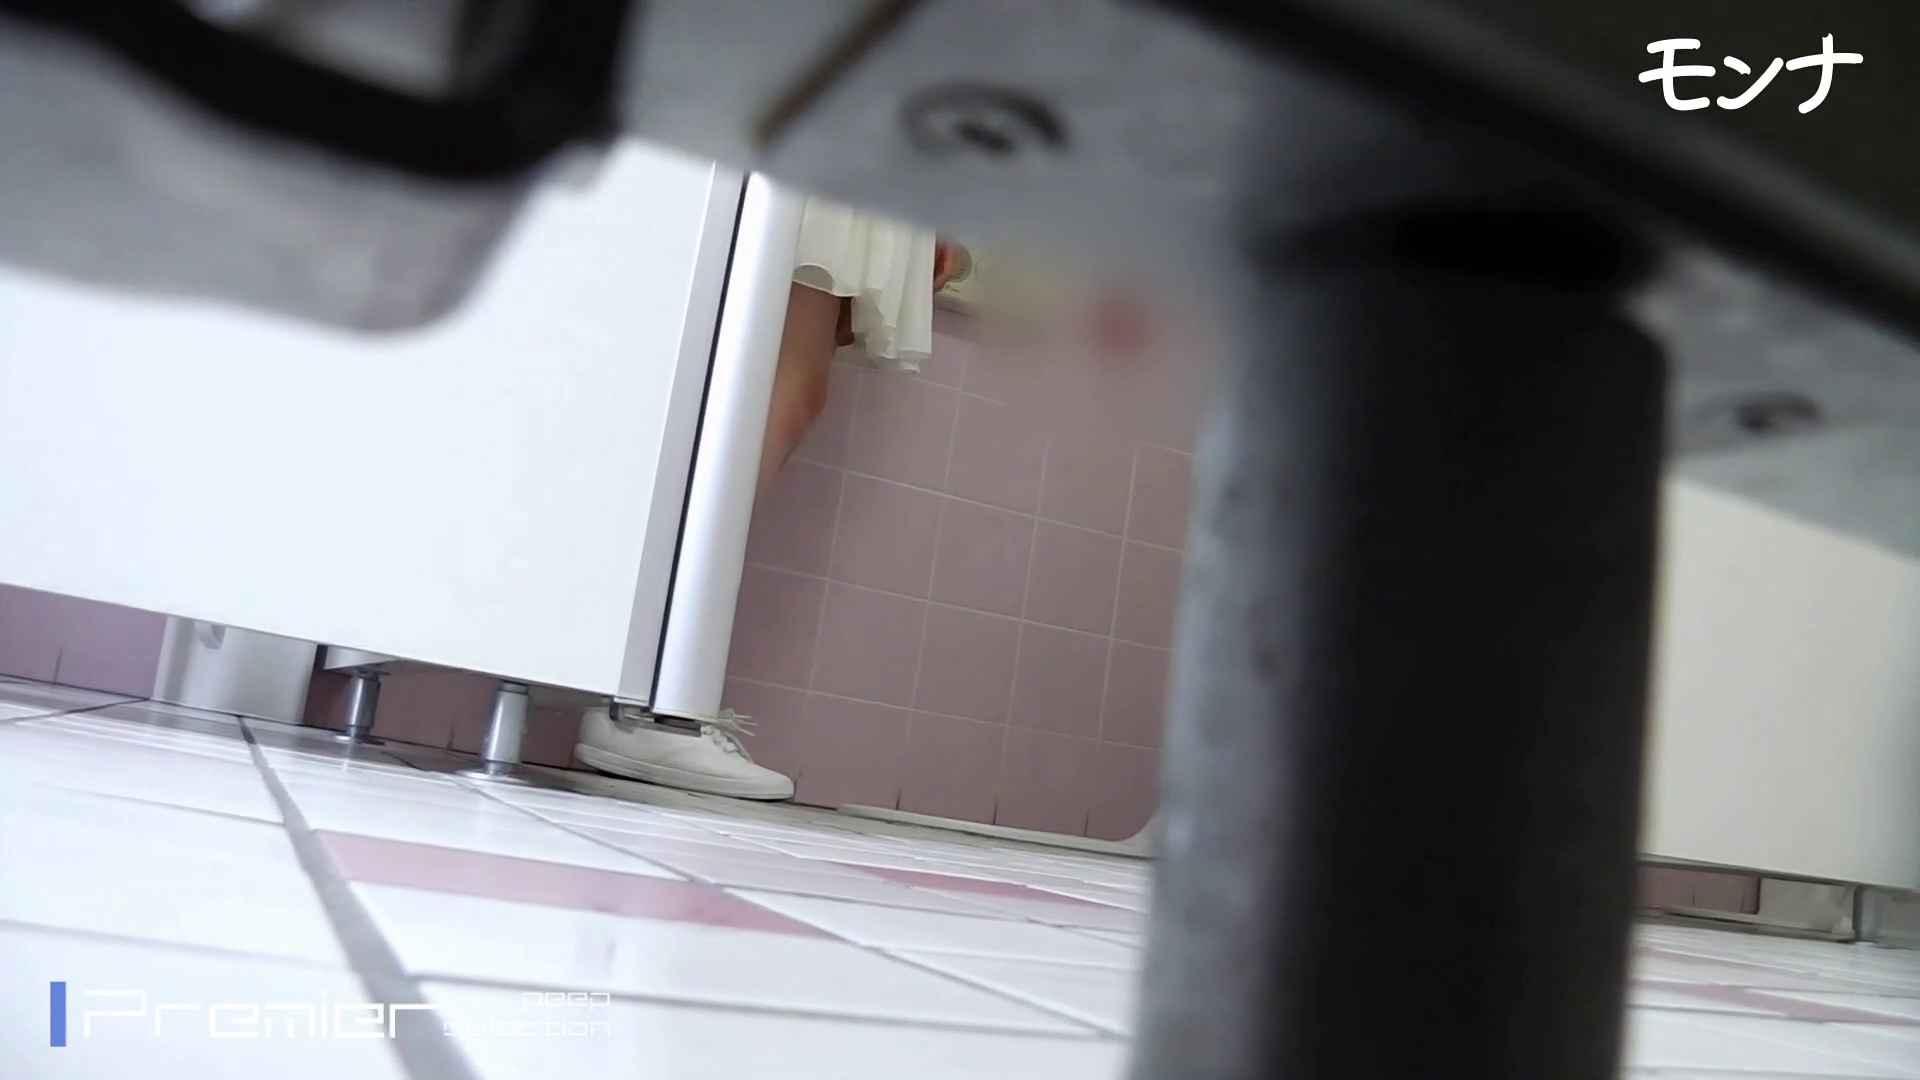 CM 悶絶シリーズ5 【美しい日本の未来 No.128】 覗き特集 ぱこり動画紹介 100PIX 67